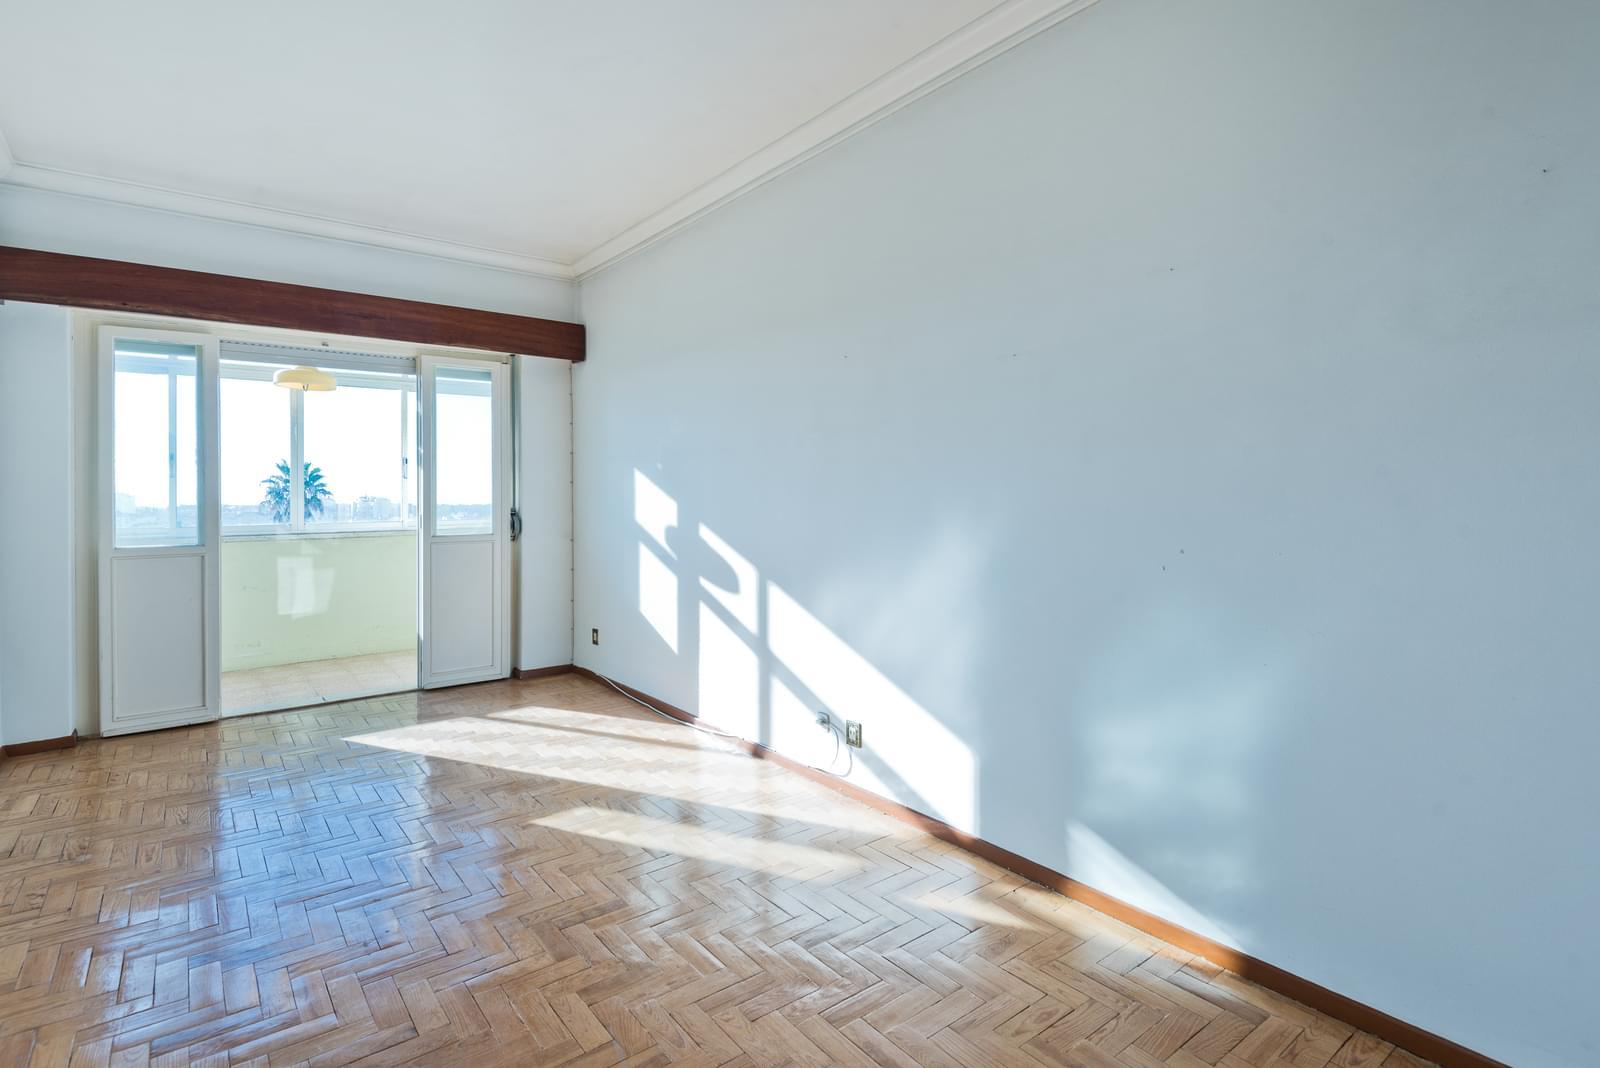 pf18965-apartamento-t2-1-cascais-c0ee0e36-0410-4998-9abd-9431df6eab7a